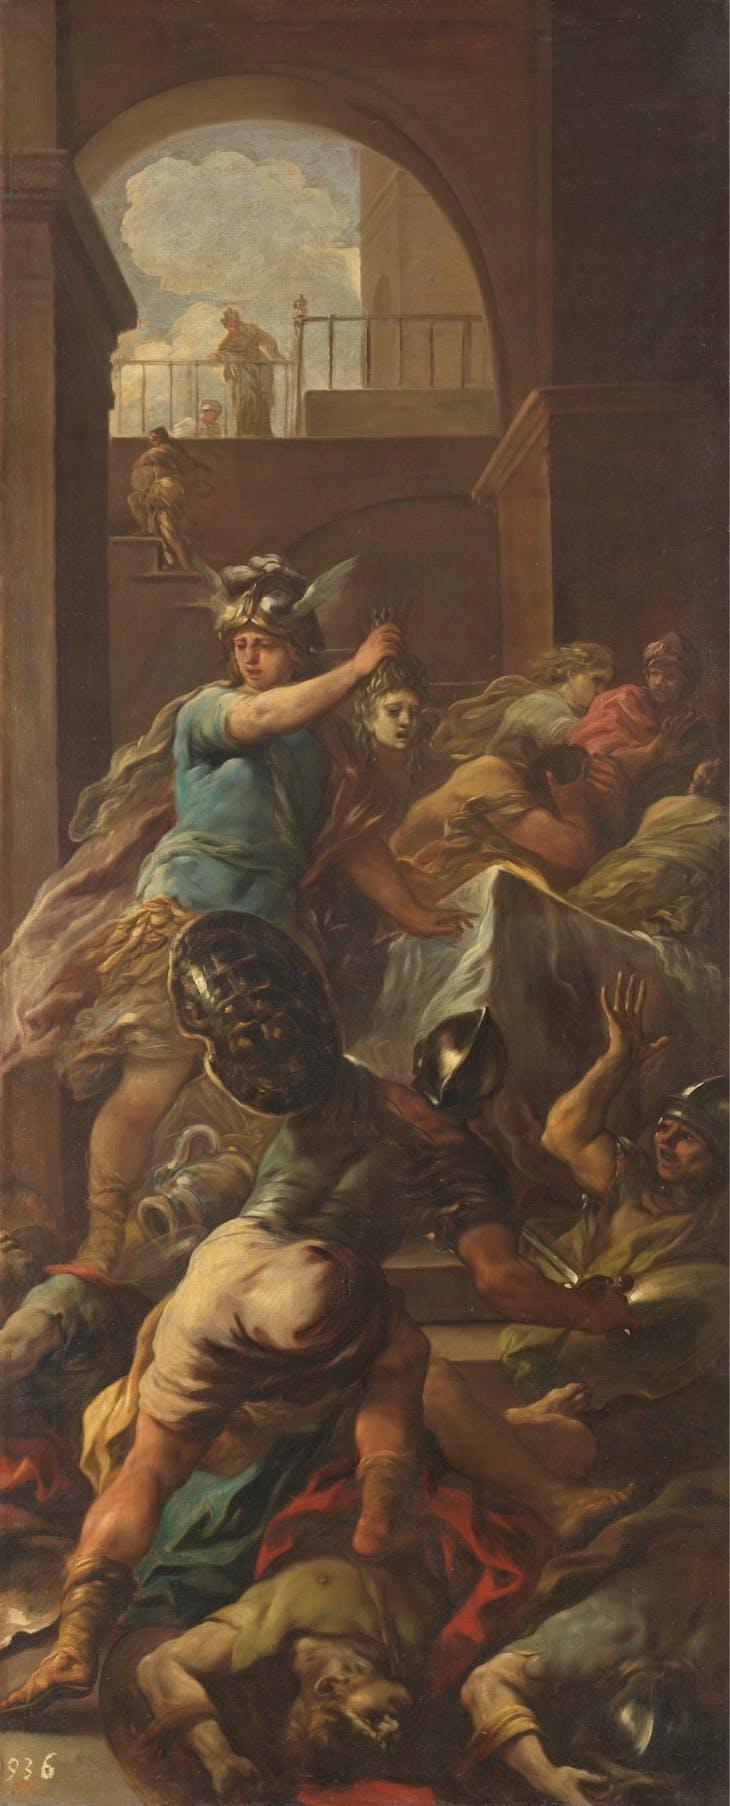 Perseus victorious over Medusa (1698), Luca Giordano.